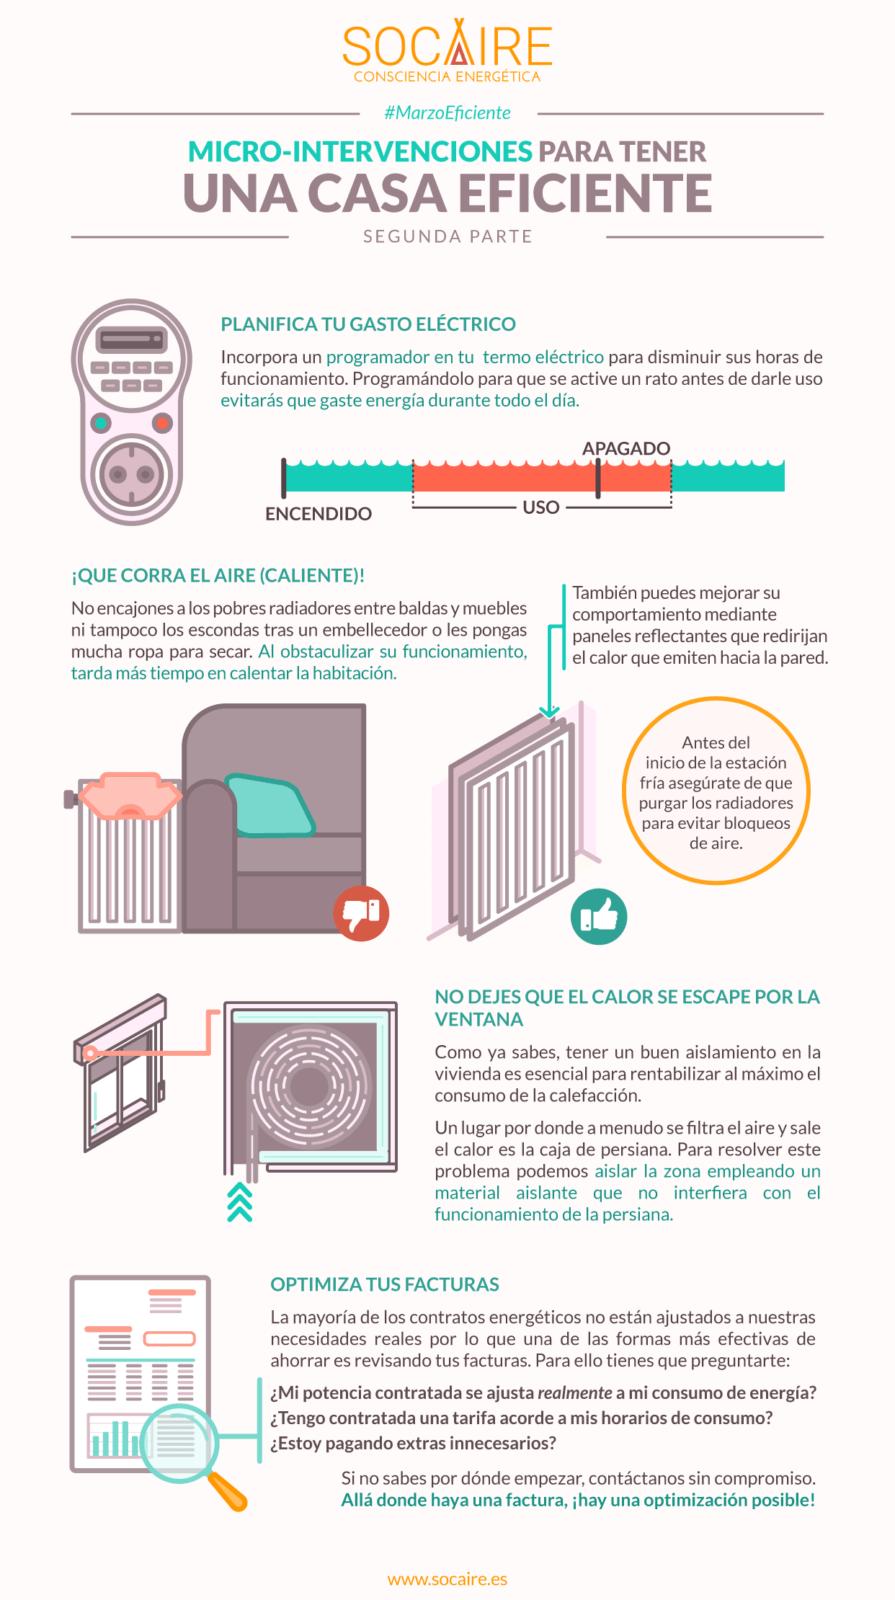 Microintervenciones para tener una casa eficiente parte 2